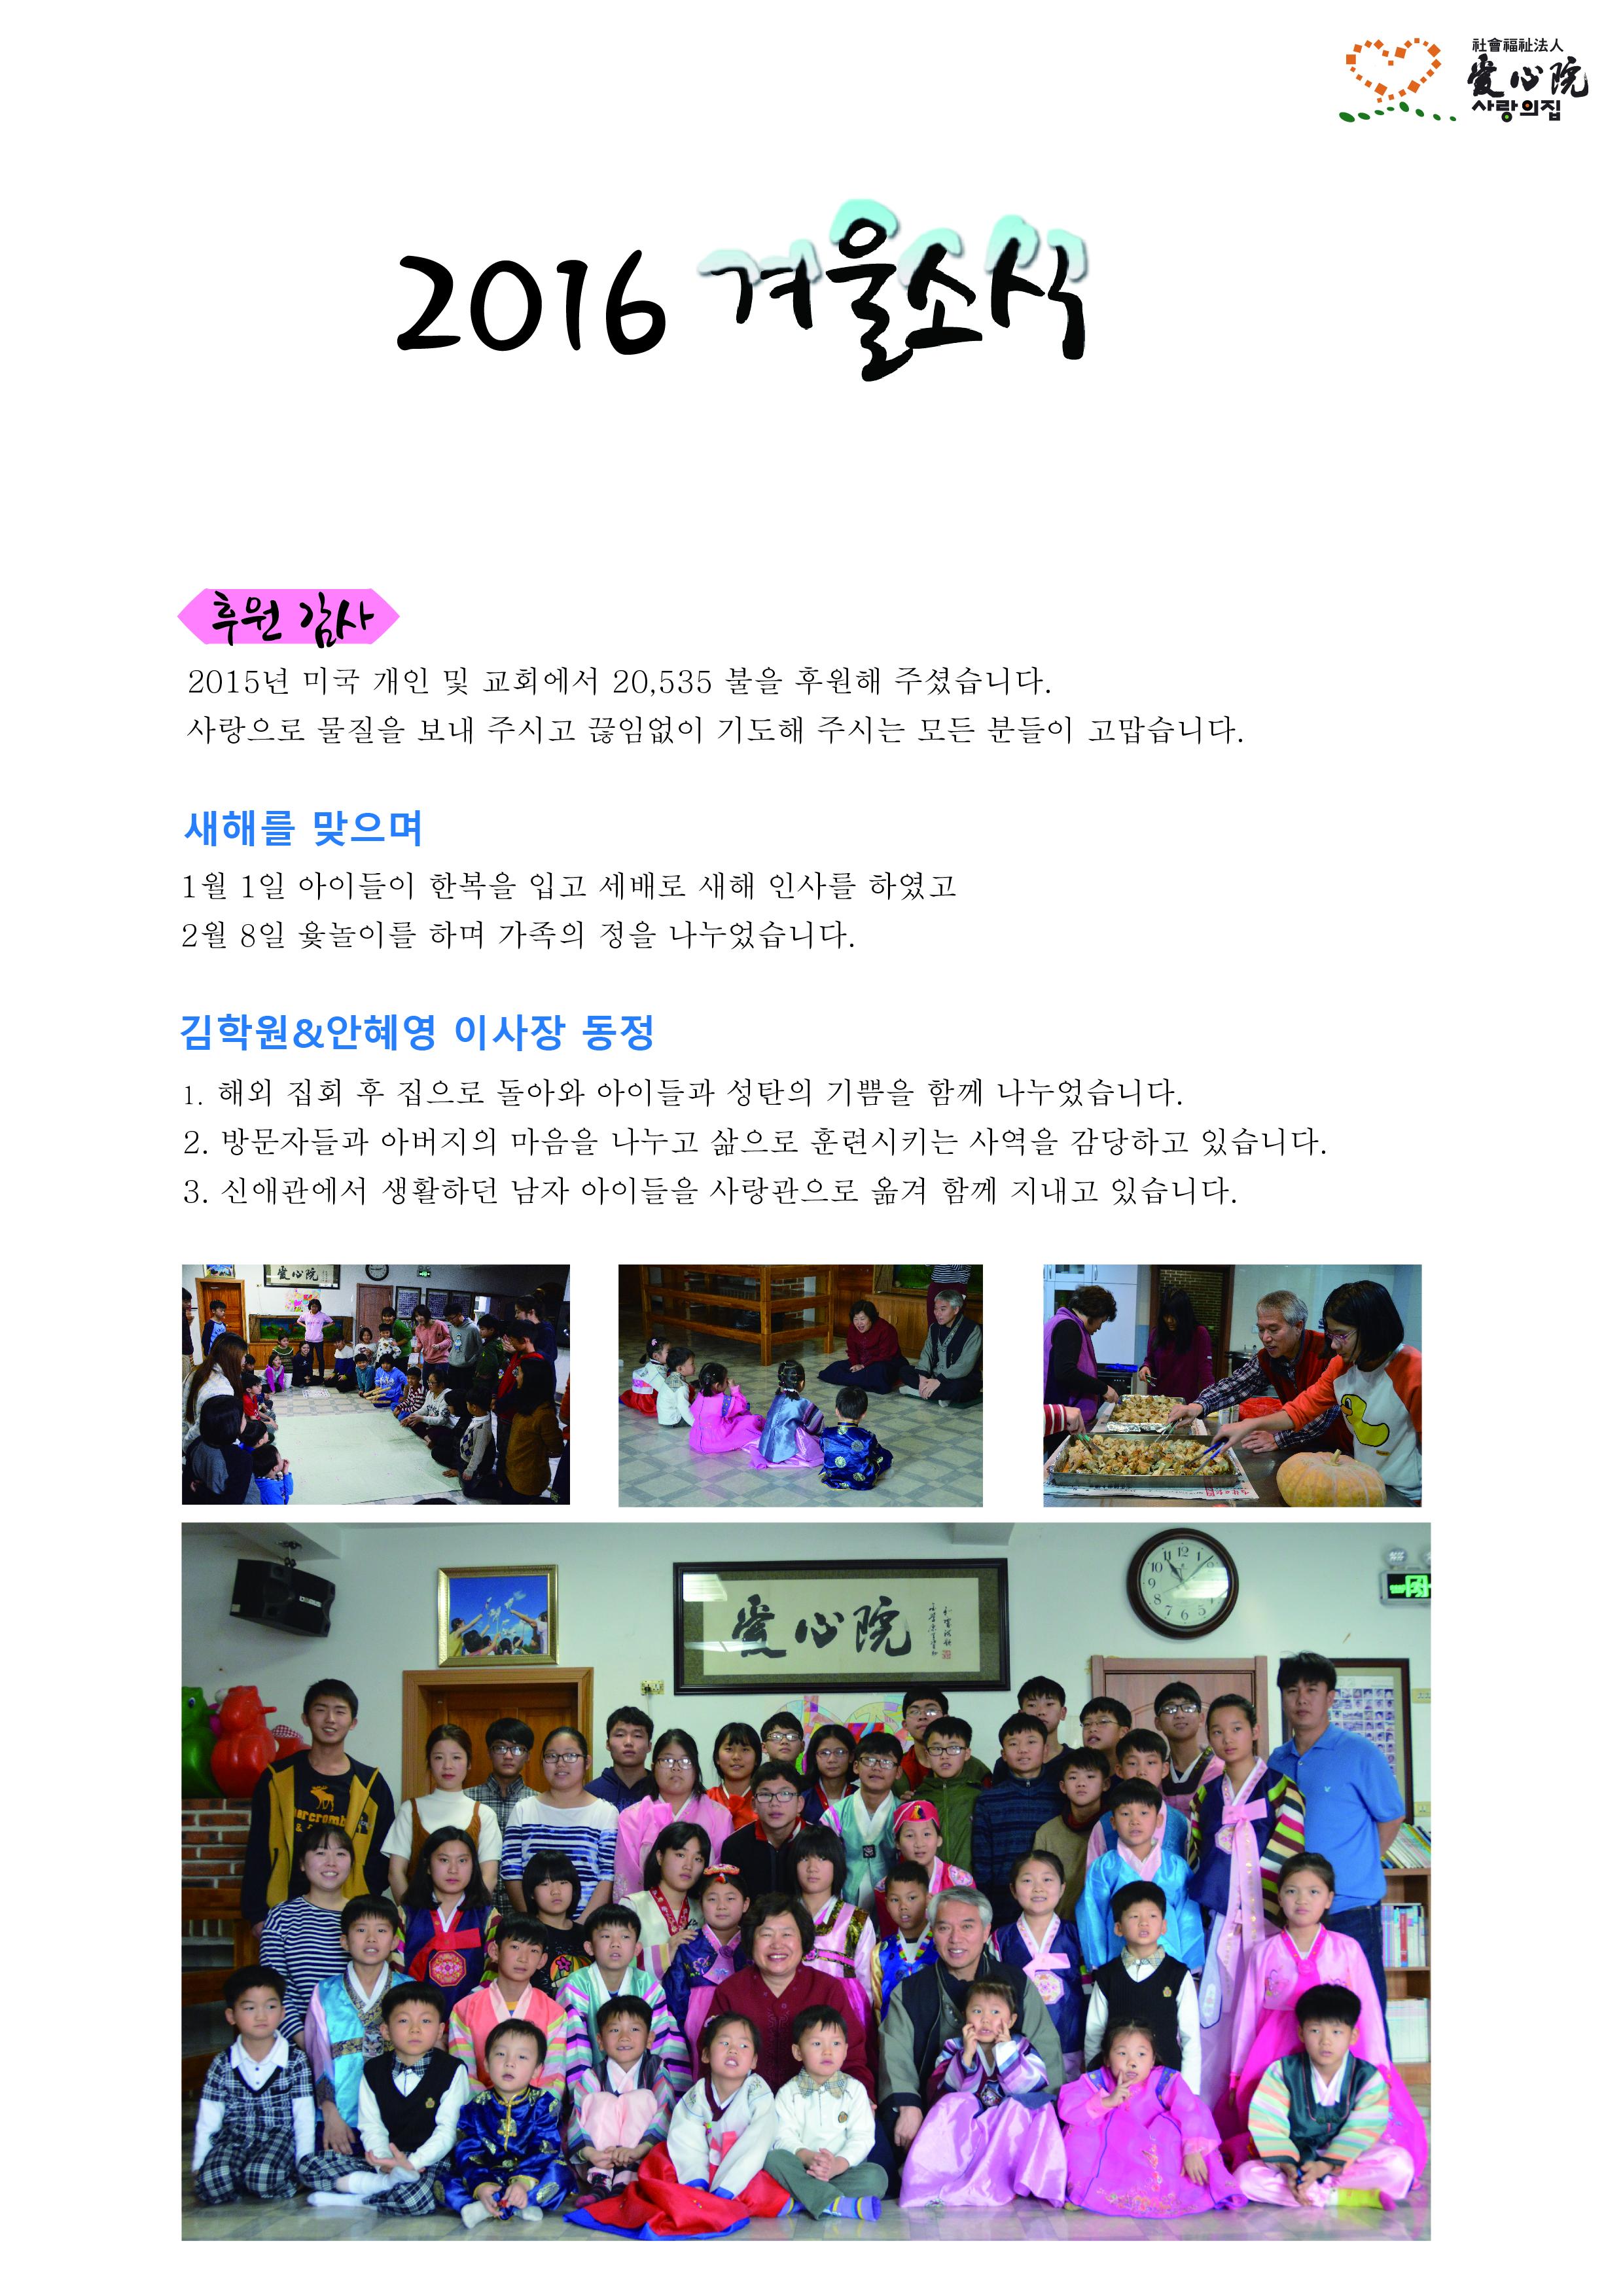 2016겨울소식미국한글고-01.jpg